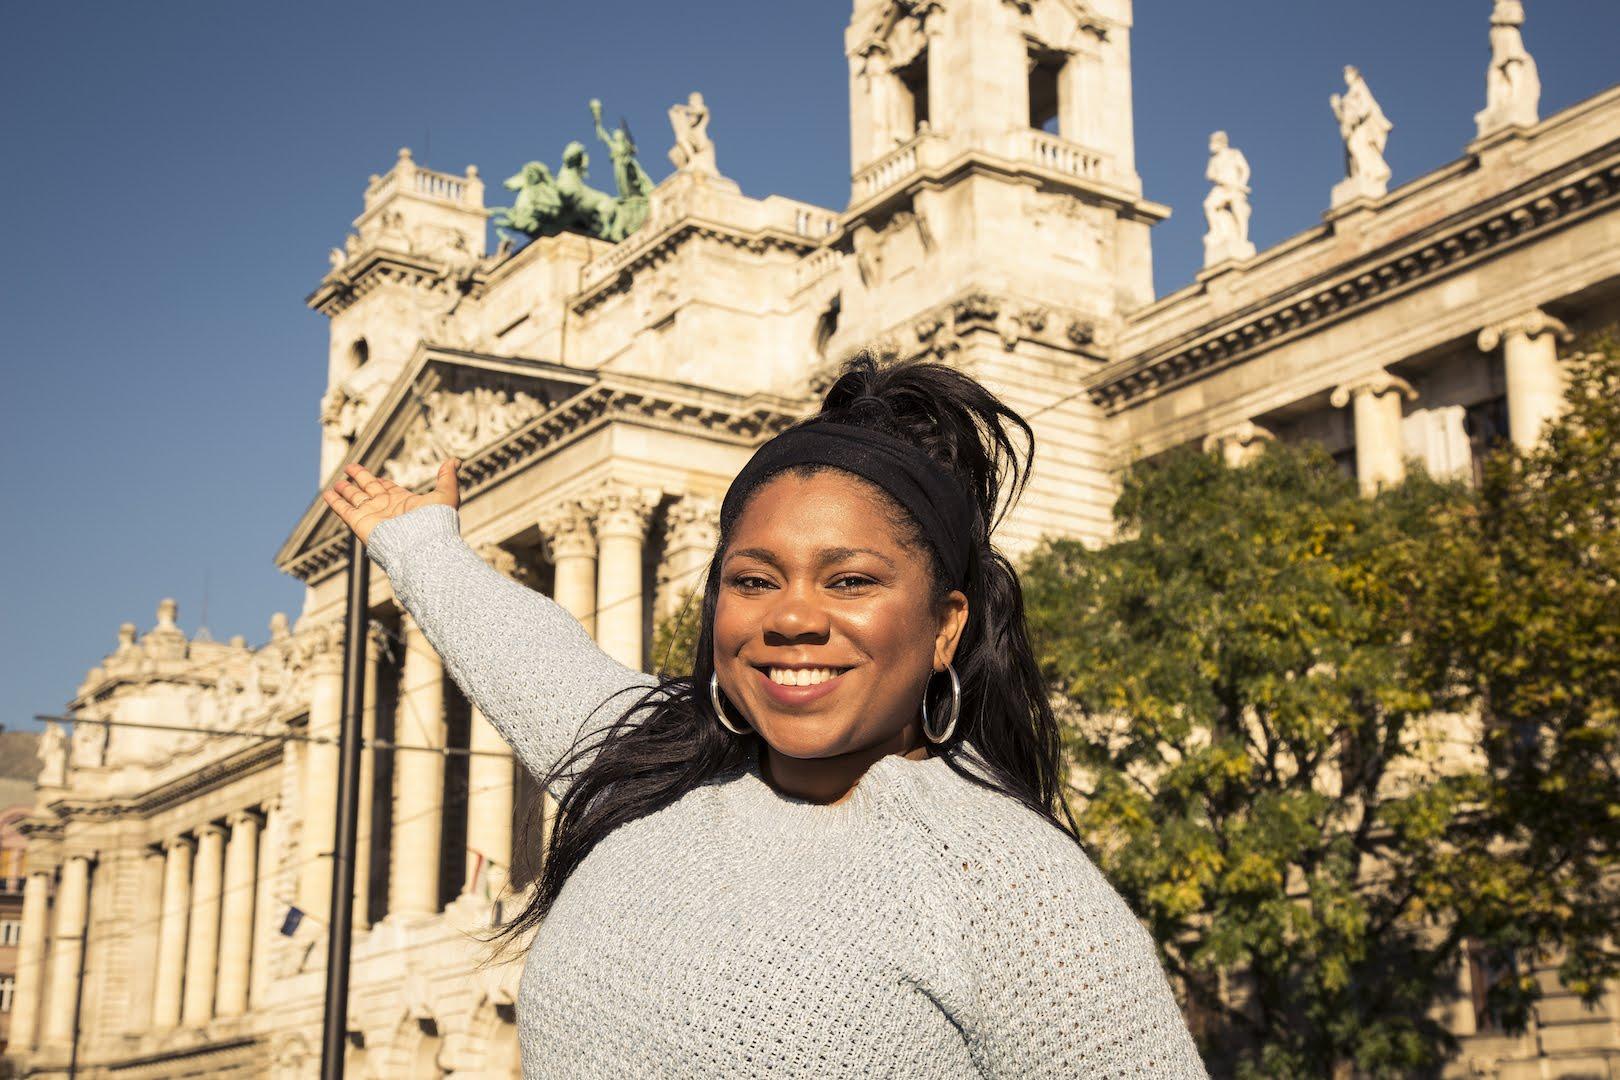 Black Girl in Budapest